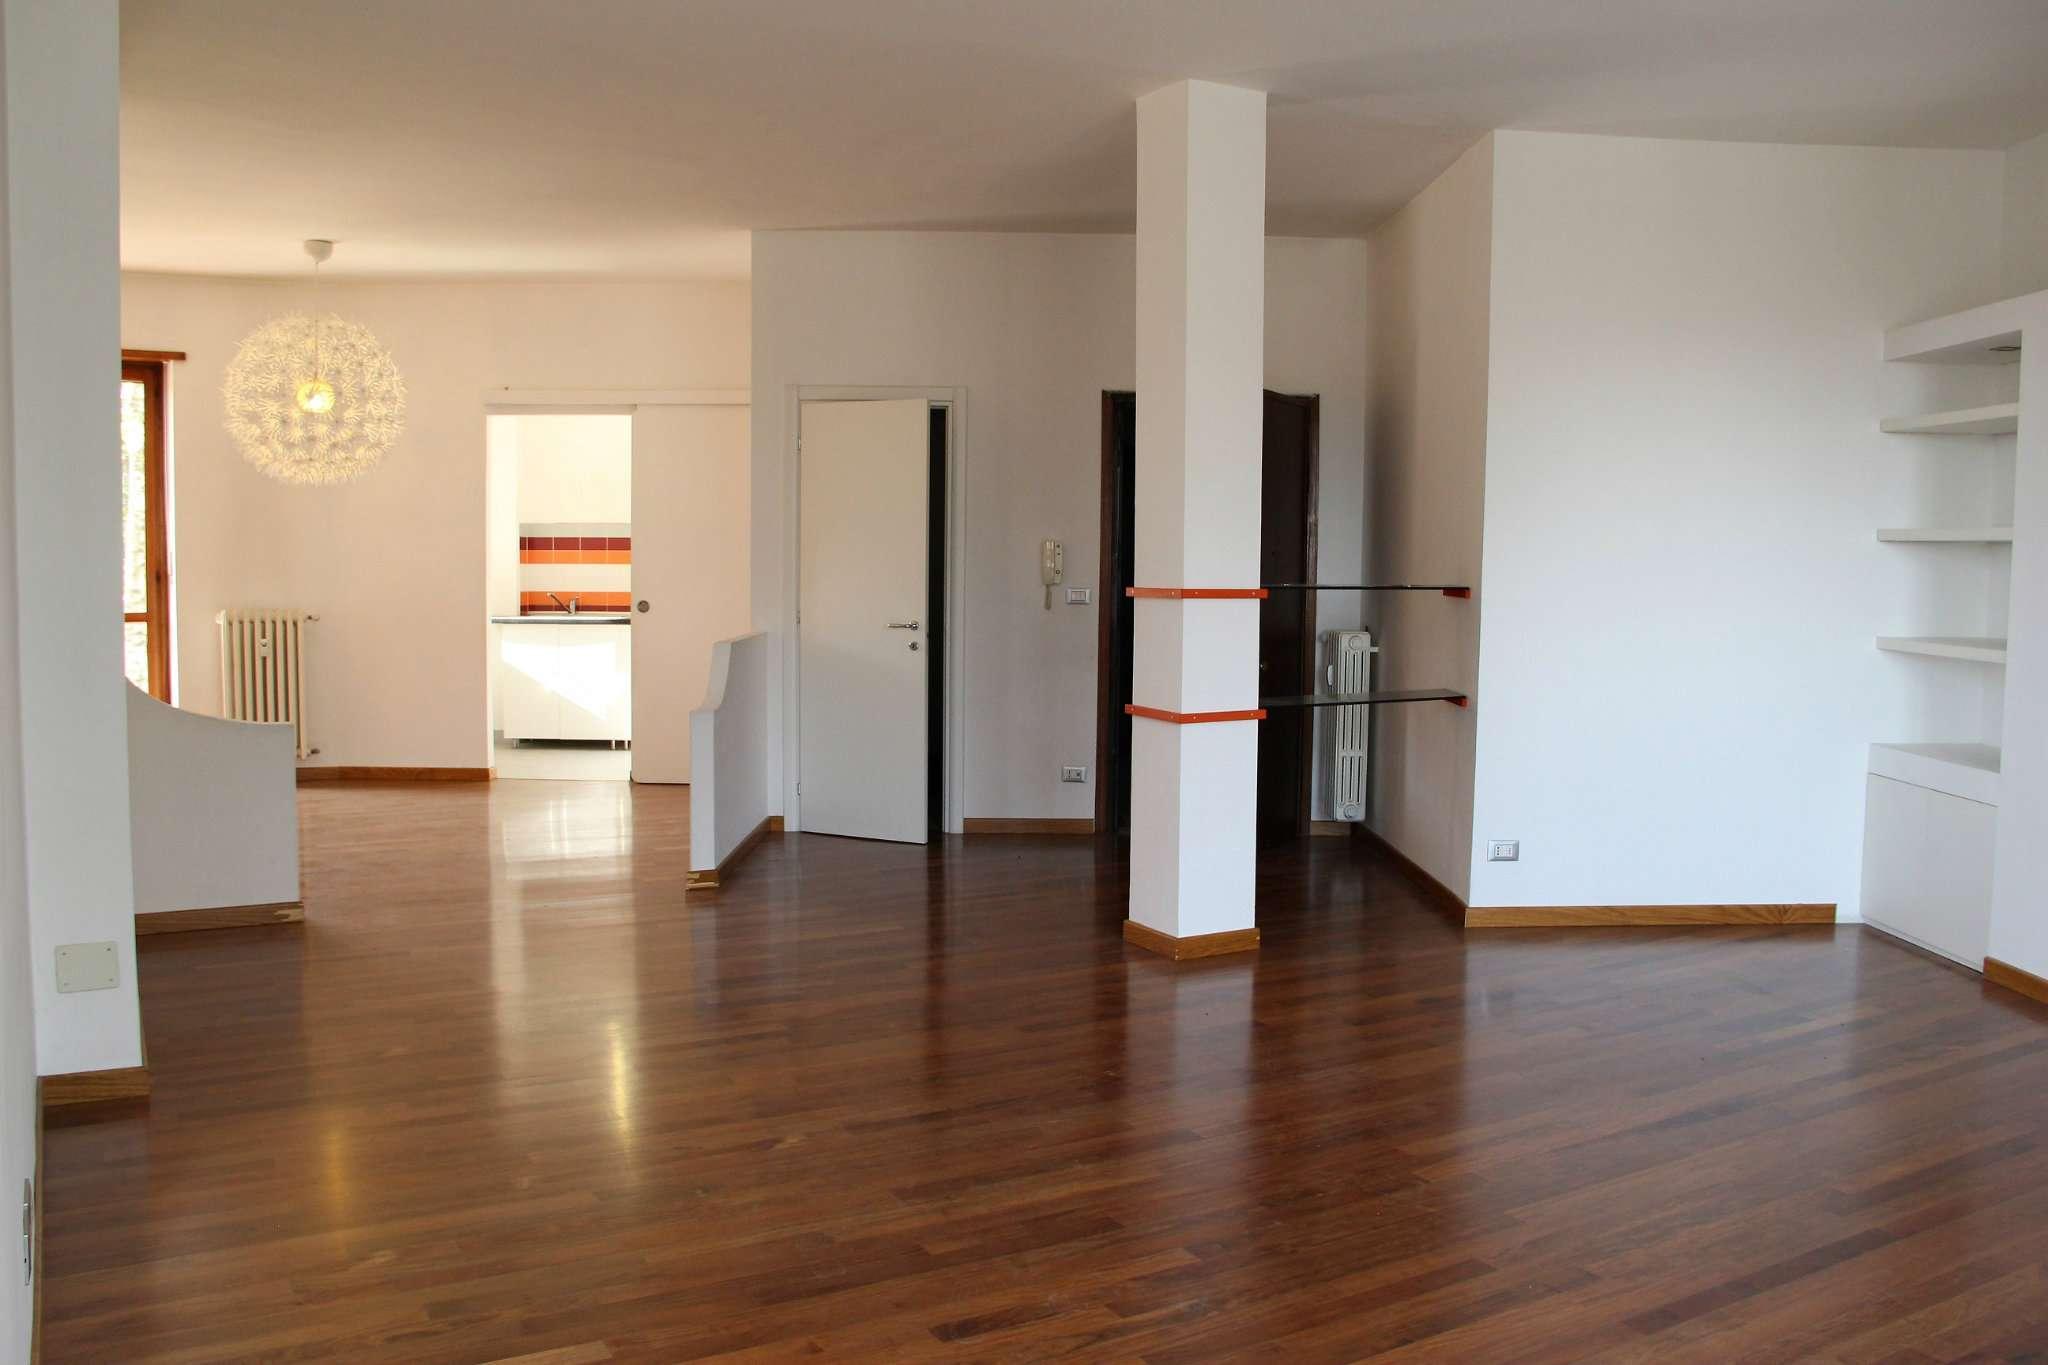 Foto 1 di Appartamento via stazione, Rosta